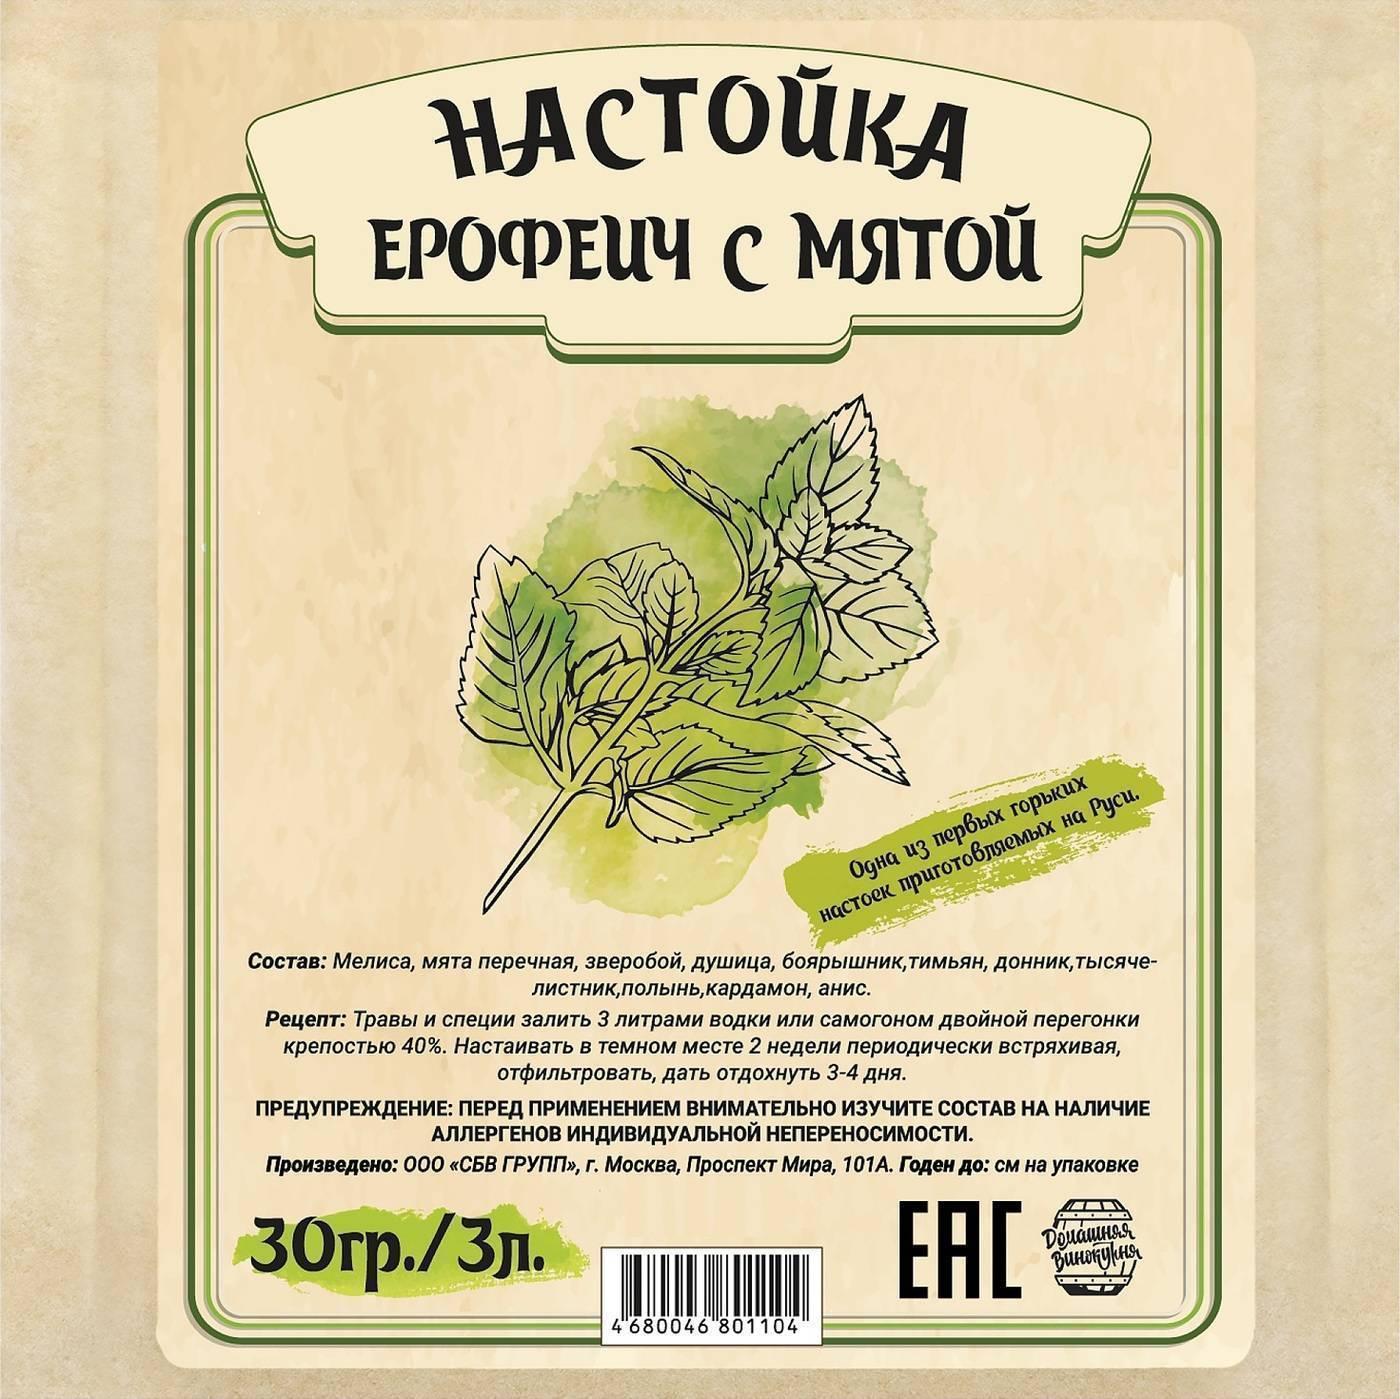 Целебная народная настойка ерофеич. рецепты удивительного алкоголя на травах